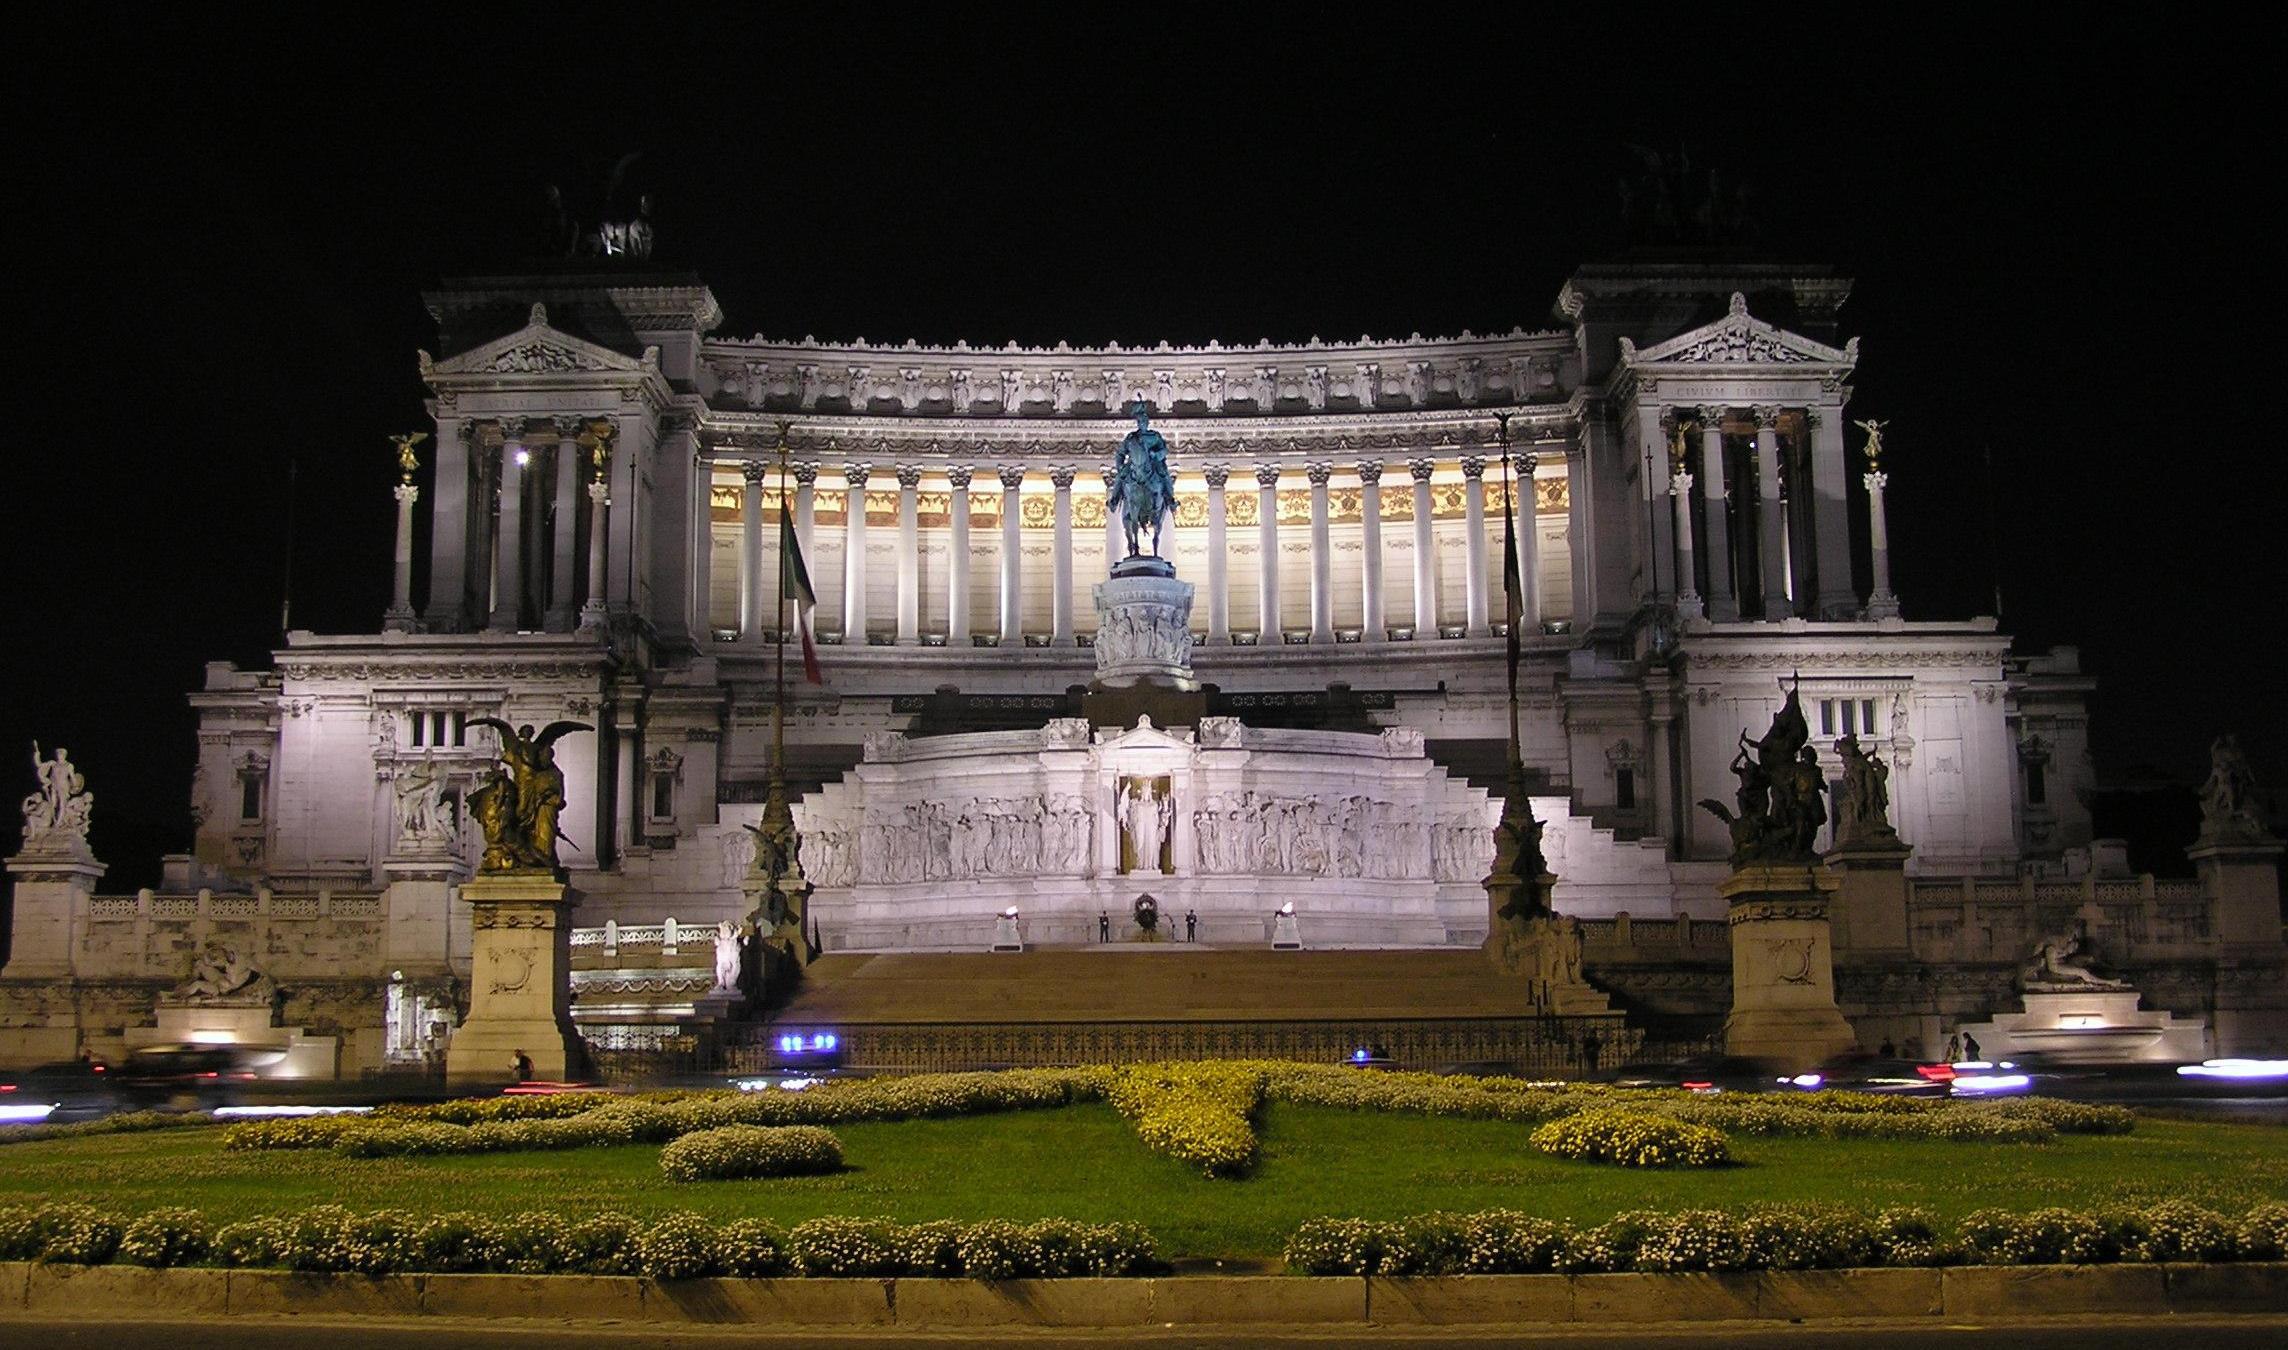 Capodanno Roma 2015 - piazza Venezia